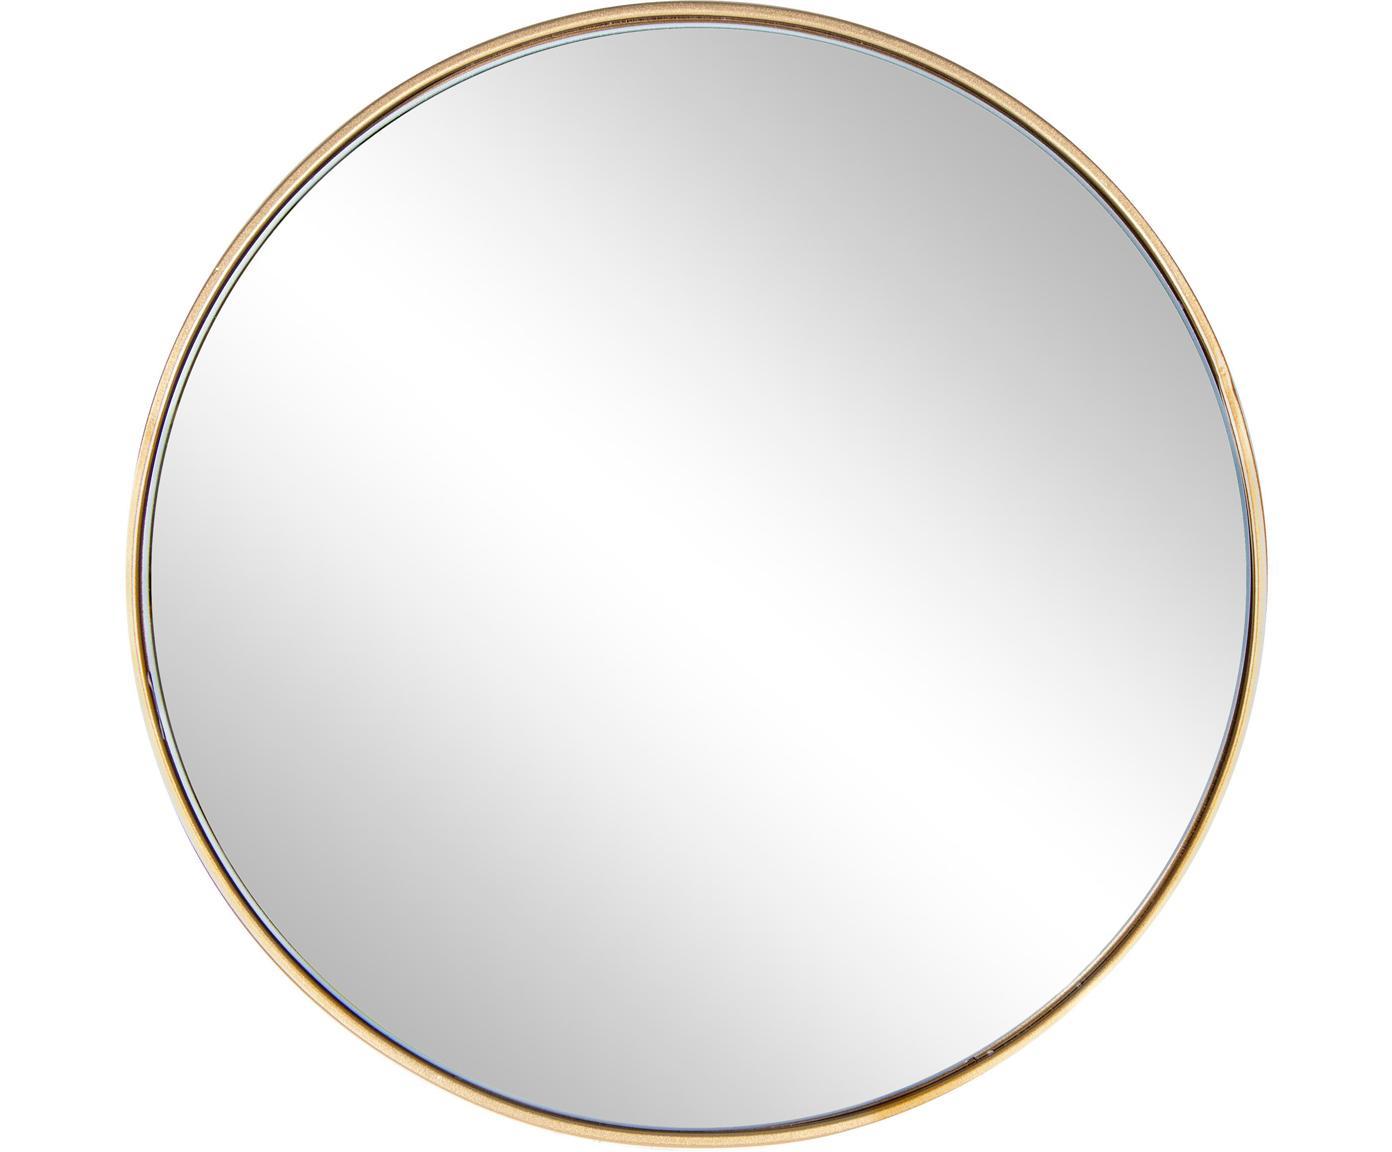 Ronde wandspiegel Nucleos met goudkleurige frame, Frame: gecoat metaal, Messingkleurig, Ø 60 cm